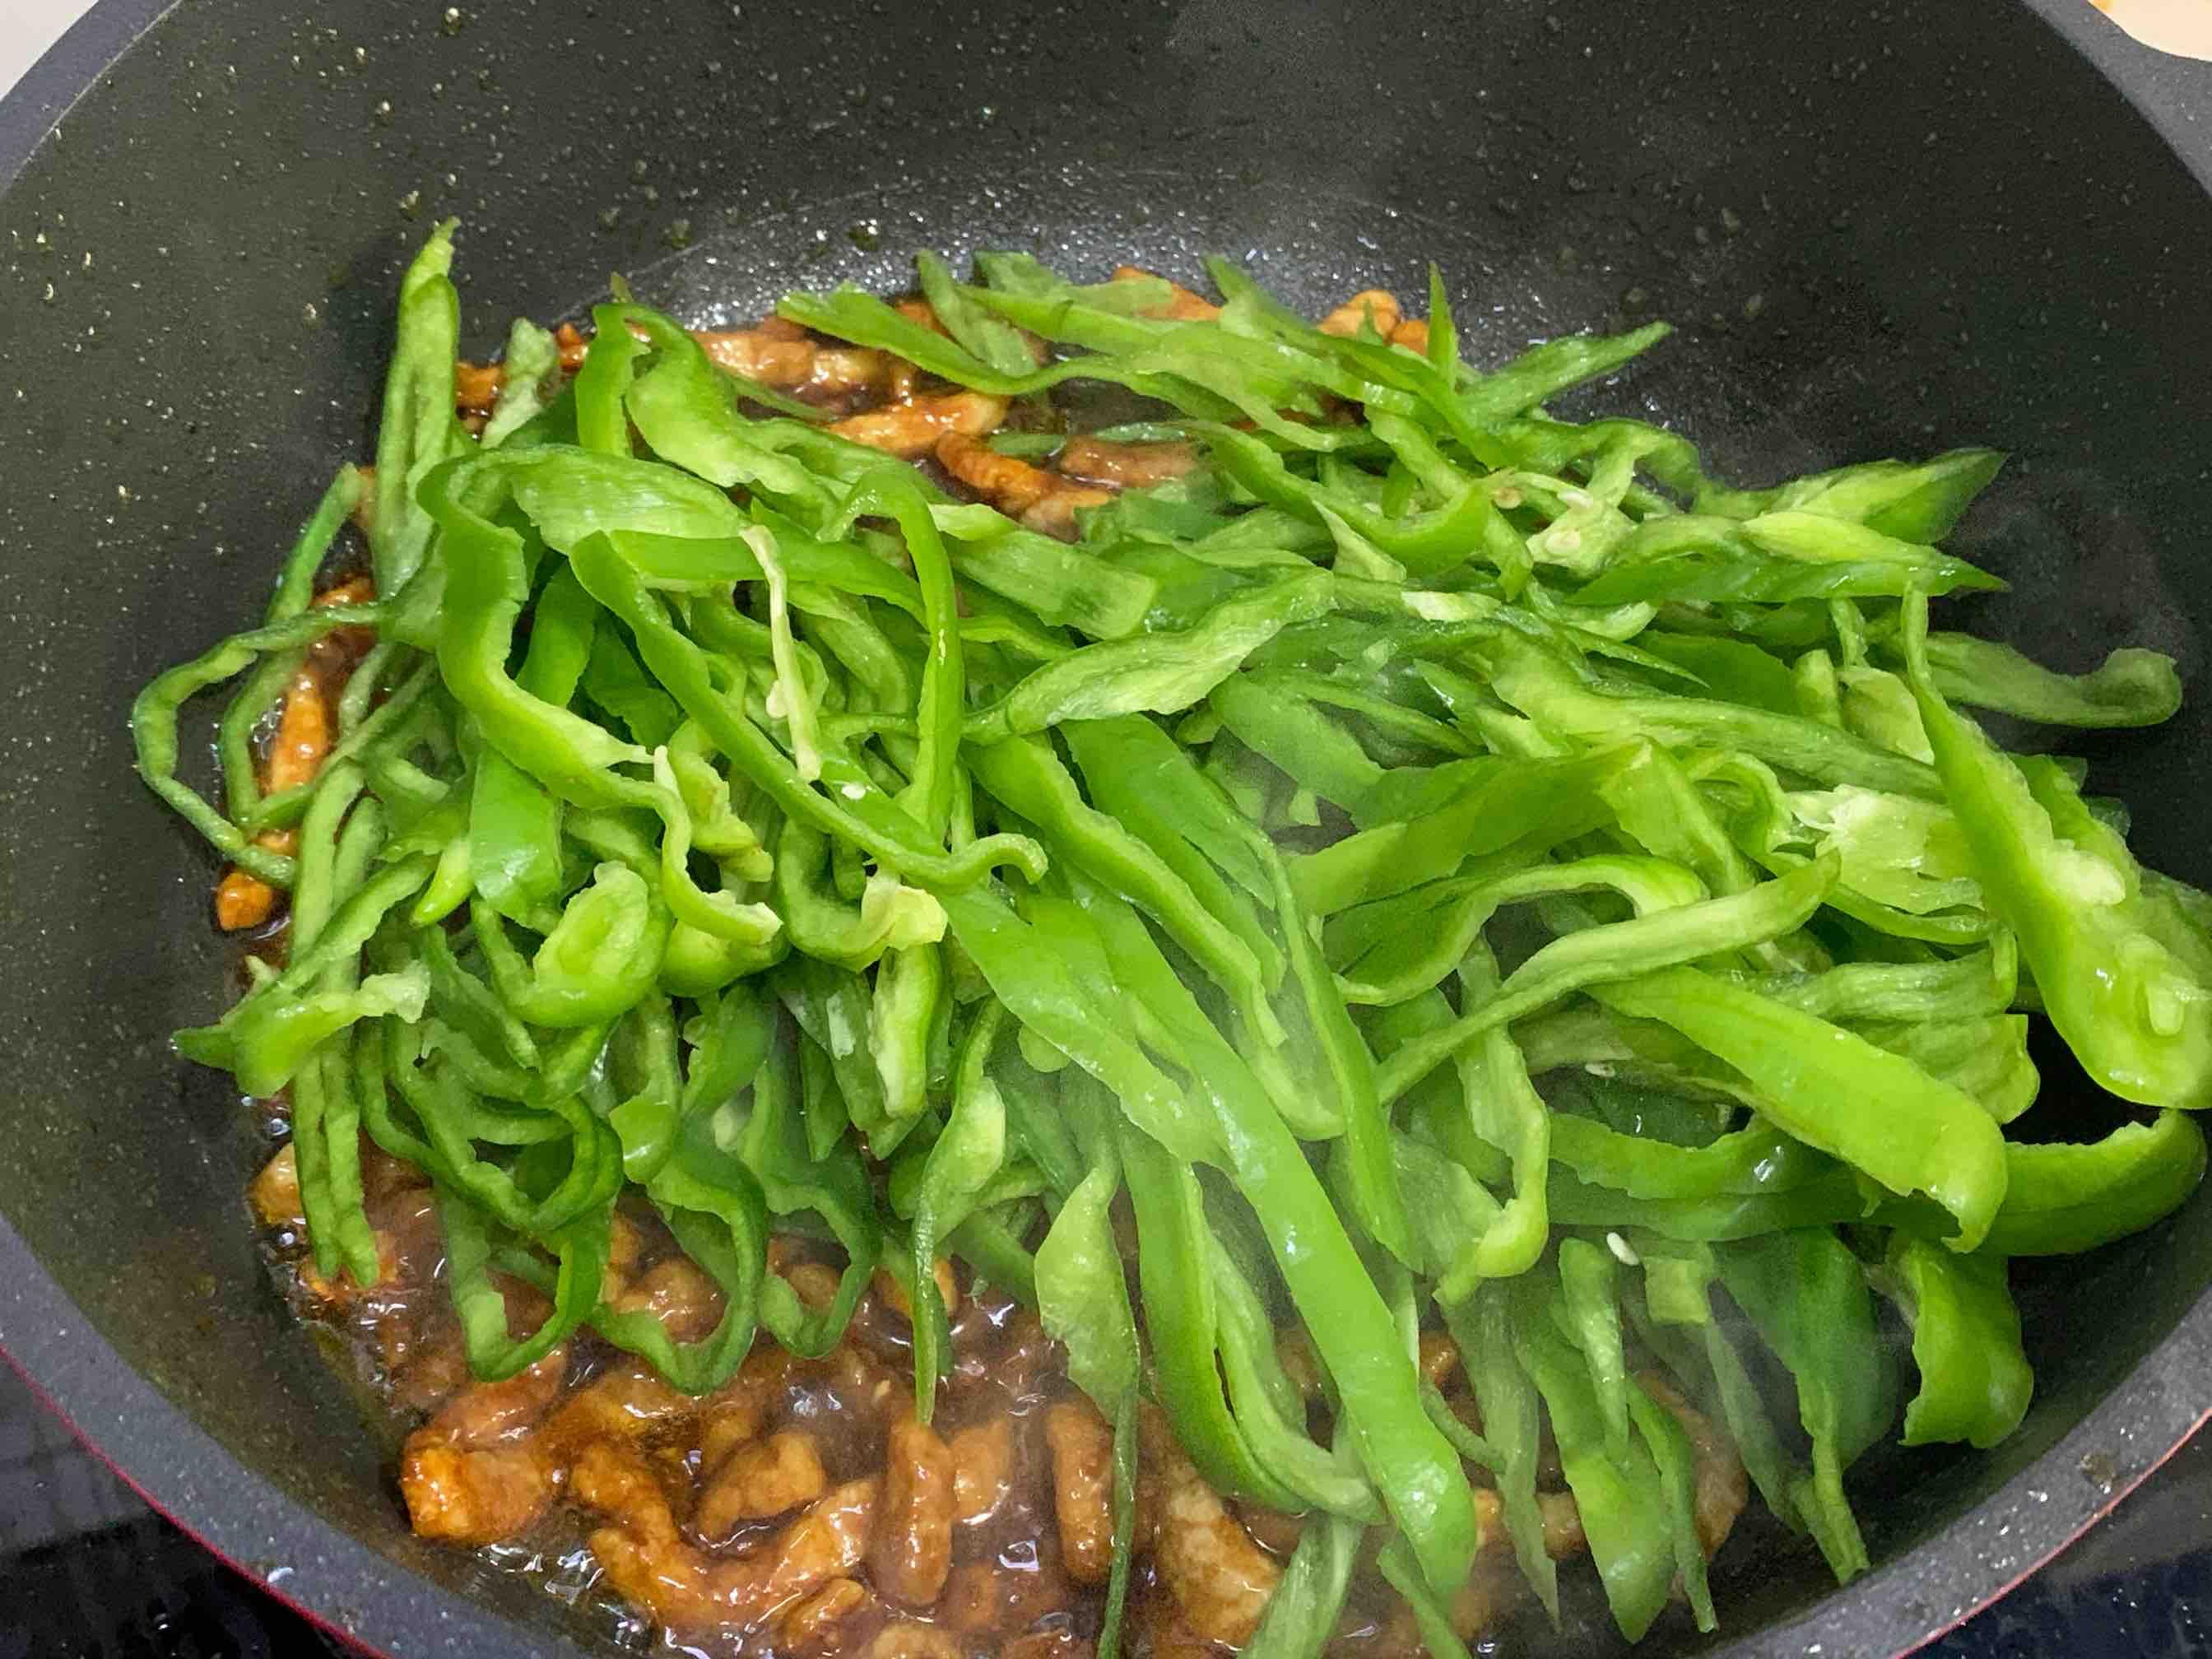 简简单单下饭菜:辣椒炒肉怎么吃